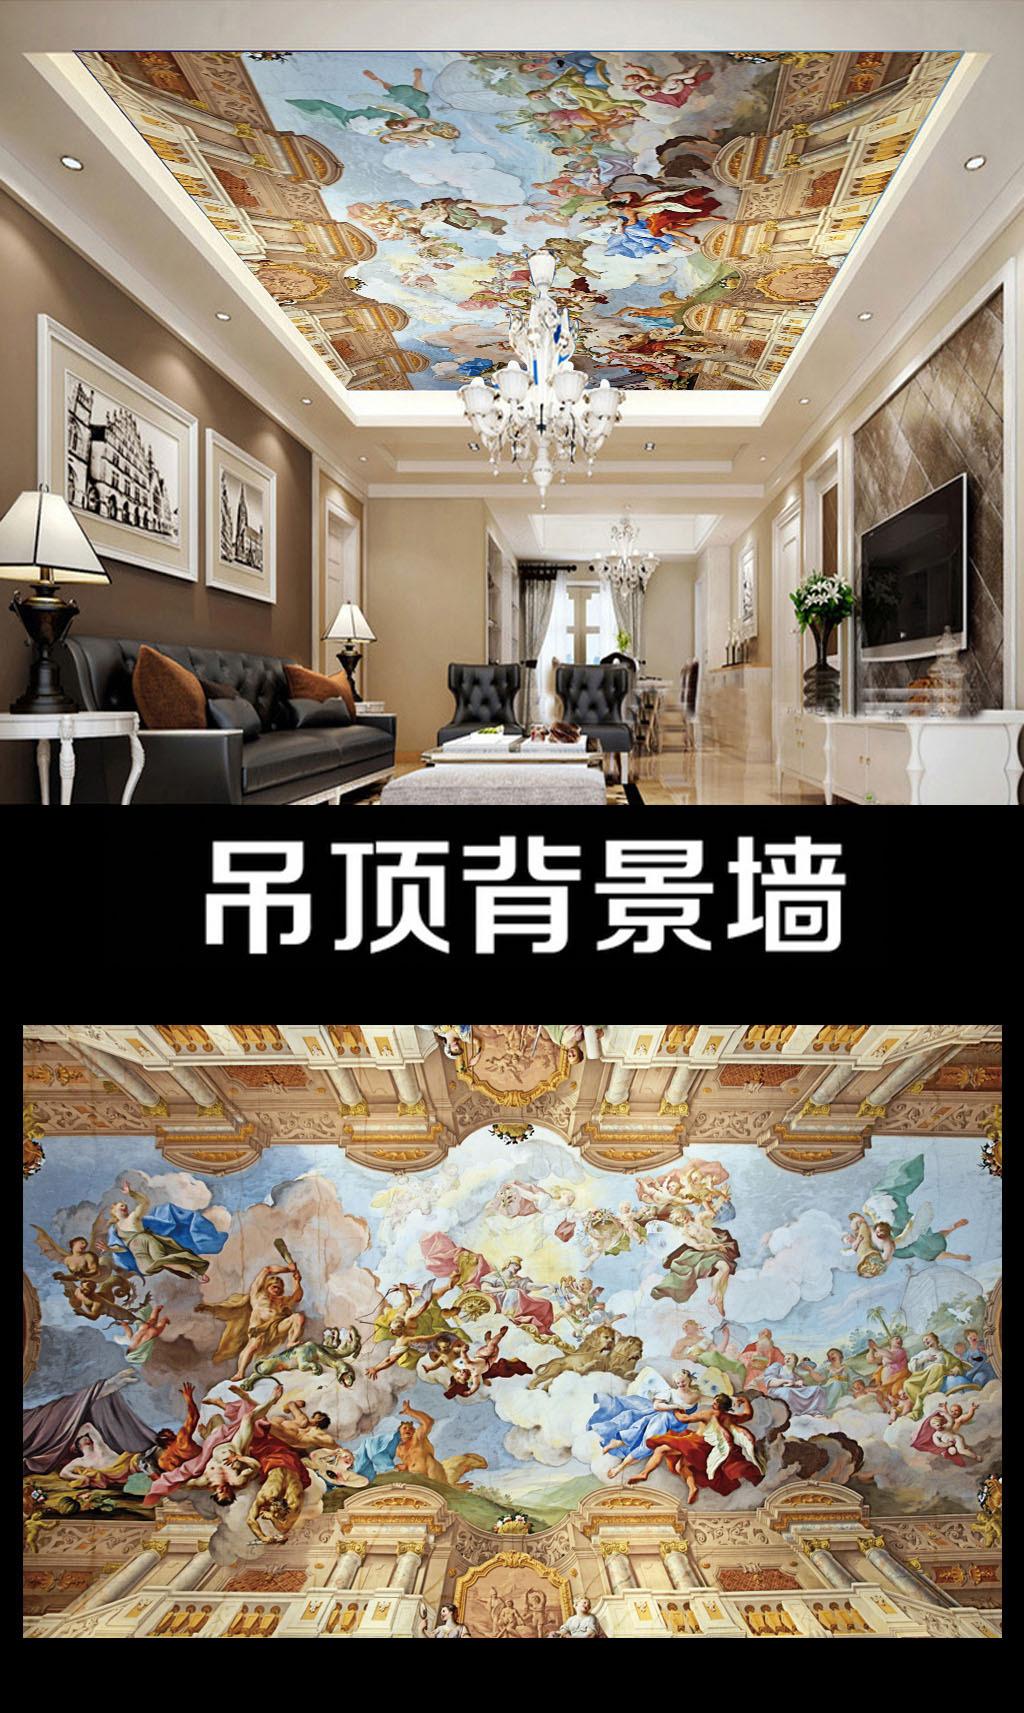 欧式吊顶天顶壁画